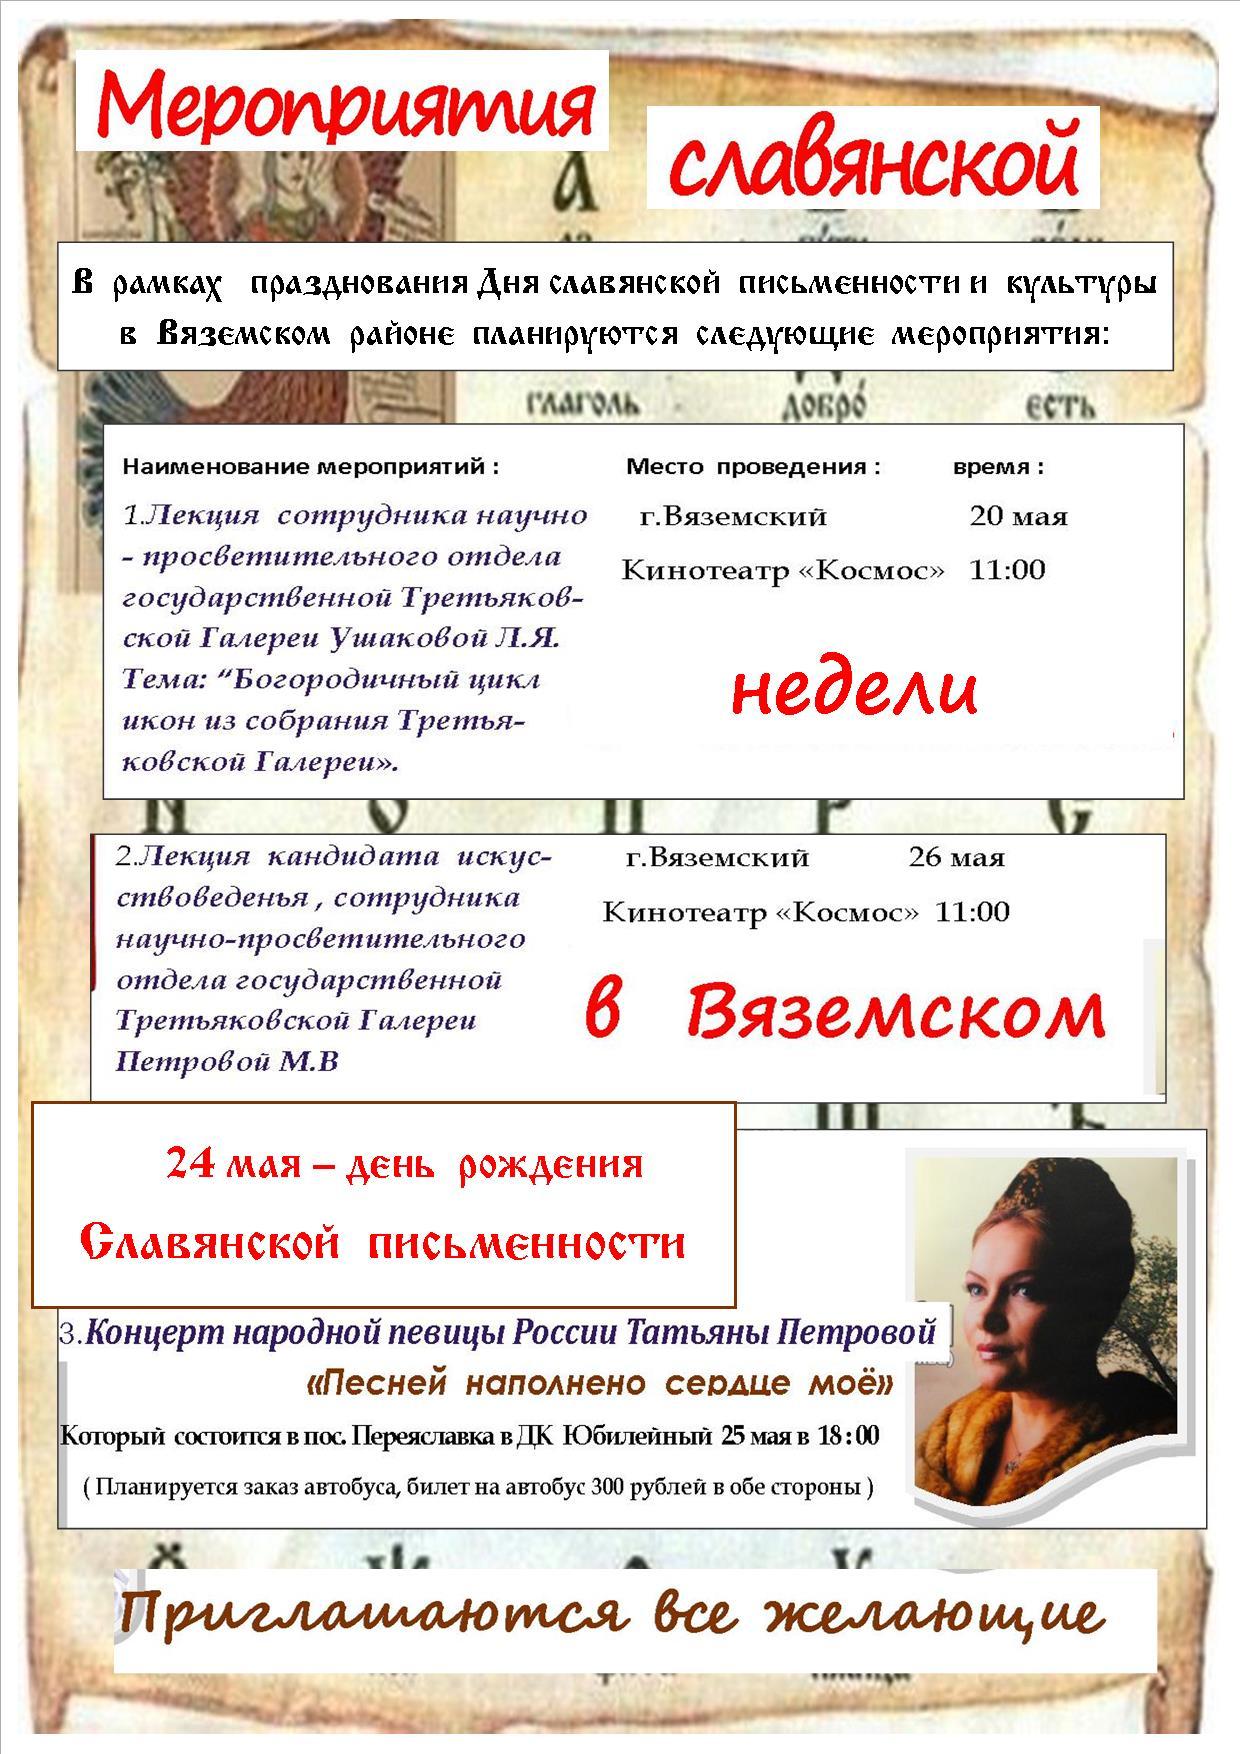 славянская письменность-15